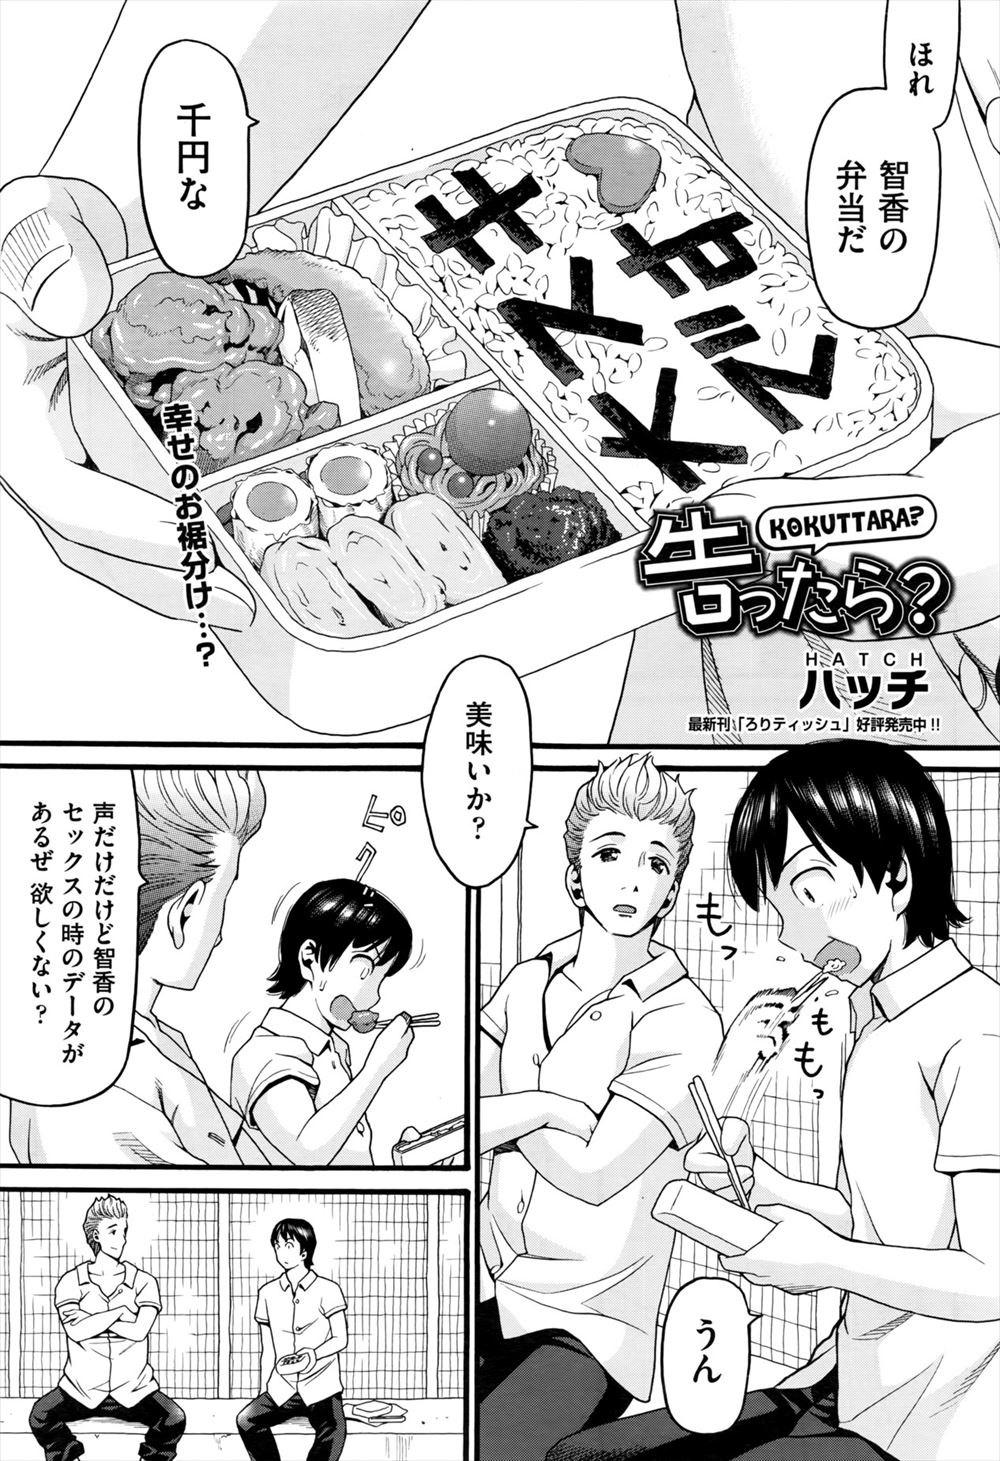 【エロ漫画・同人誌】親友と付き合っている女の子のことがずっと好きだった男子が、親友のおかげで女の子とセックスできることになり3Pセックスする!